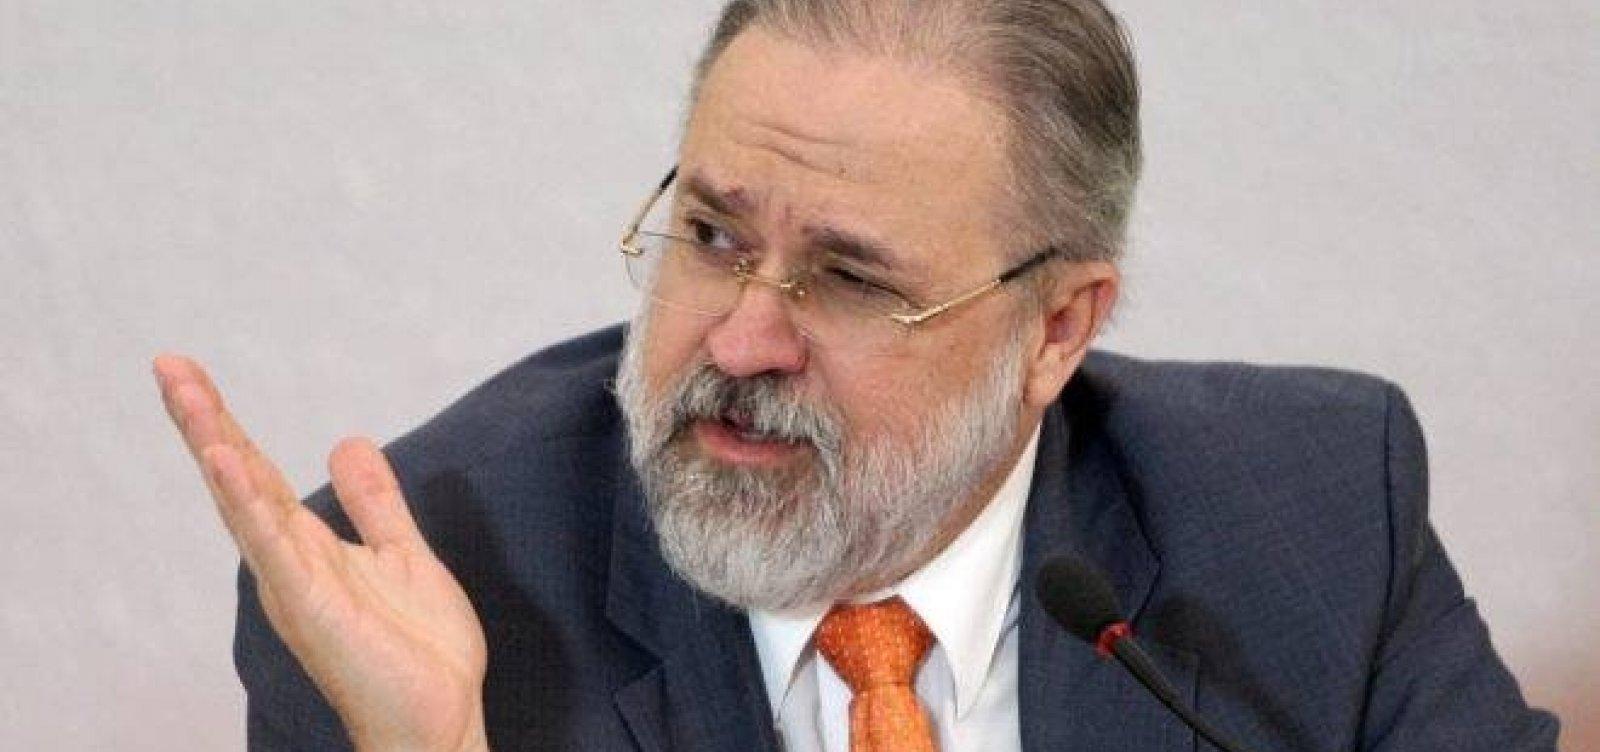 Aras insinua que Bolsonaro pode decretar estado de defesa em plena pandemia